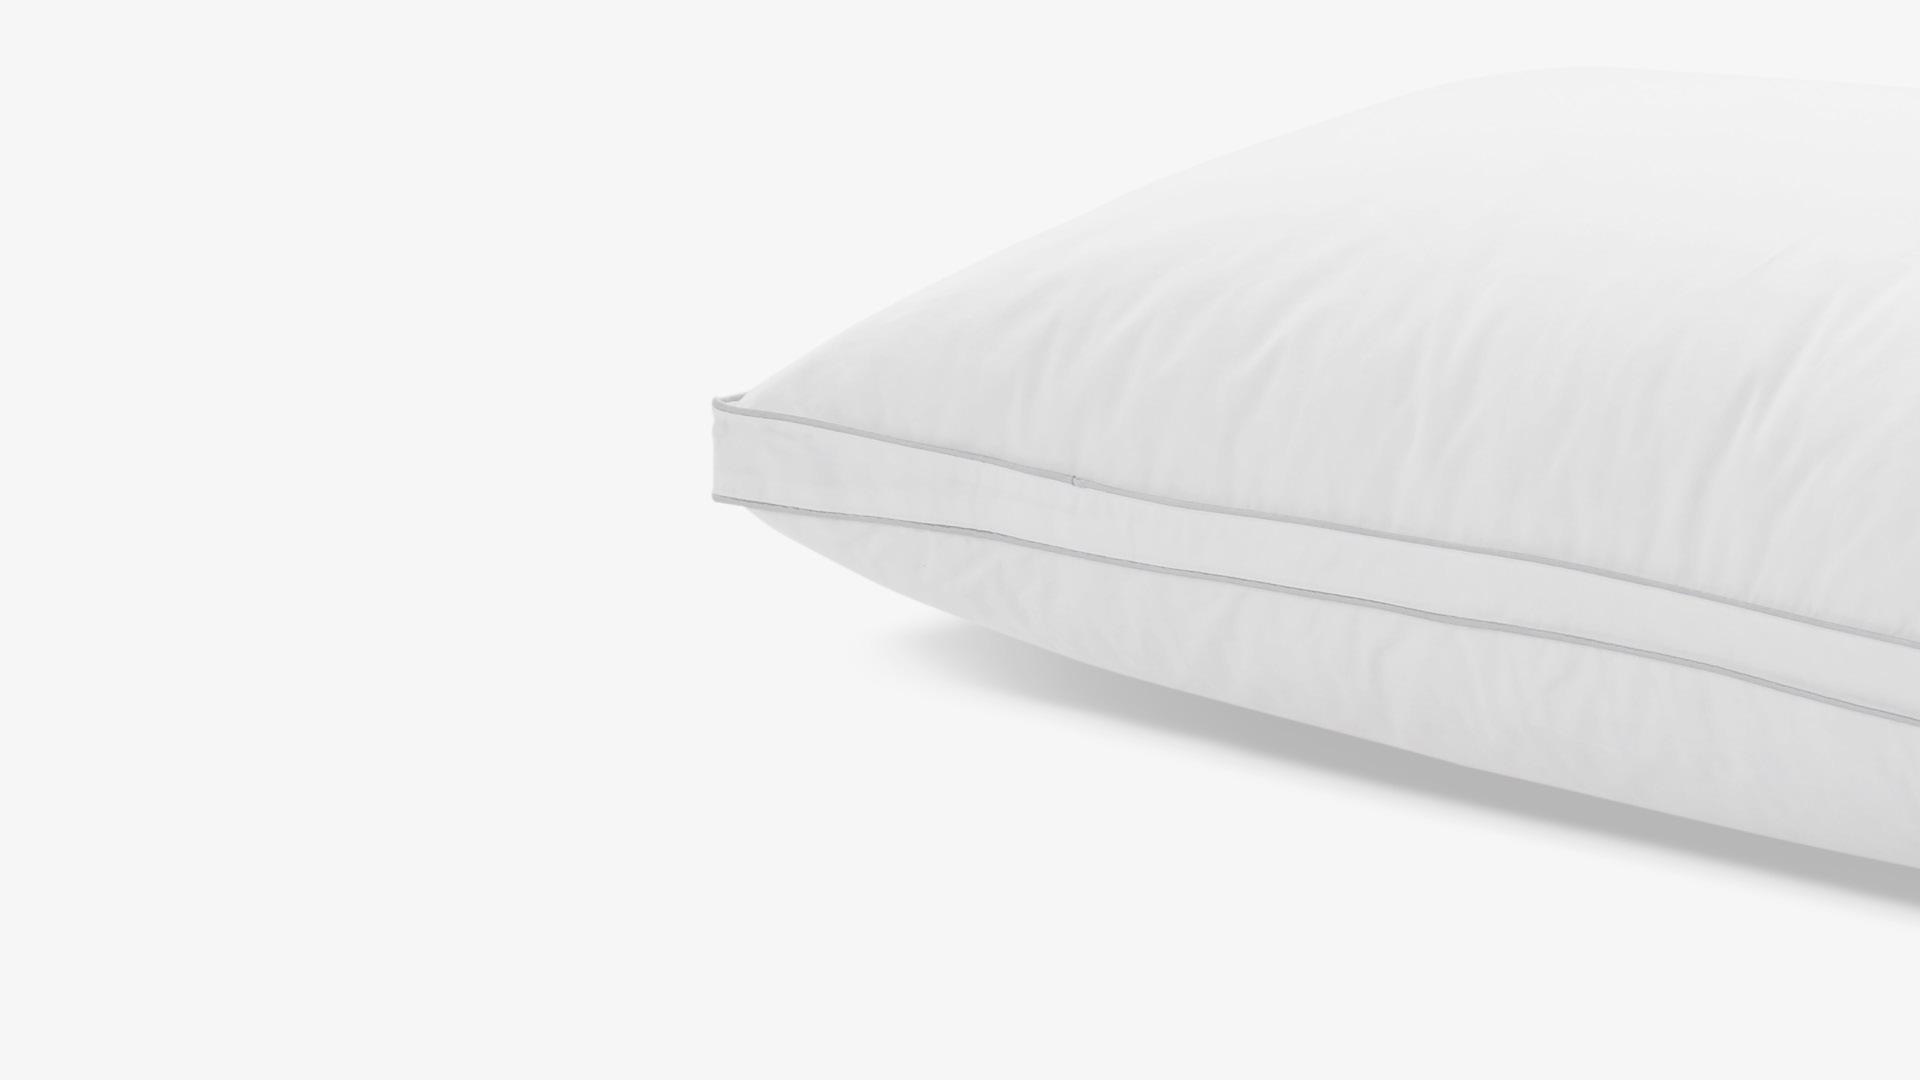 轻羽软枕<br/>70%白鸭绒的透爽呼吸